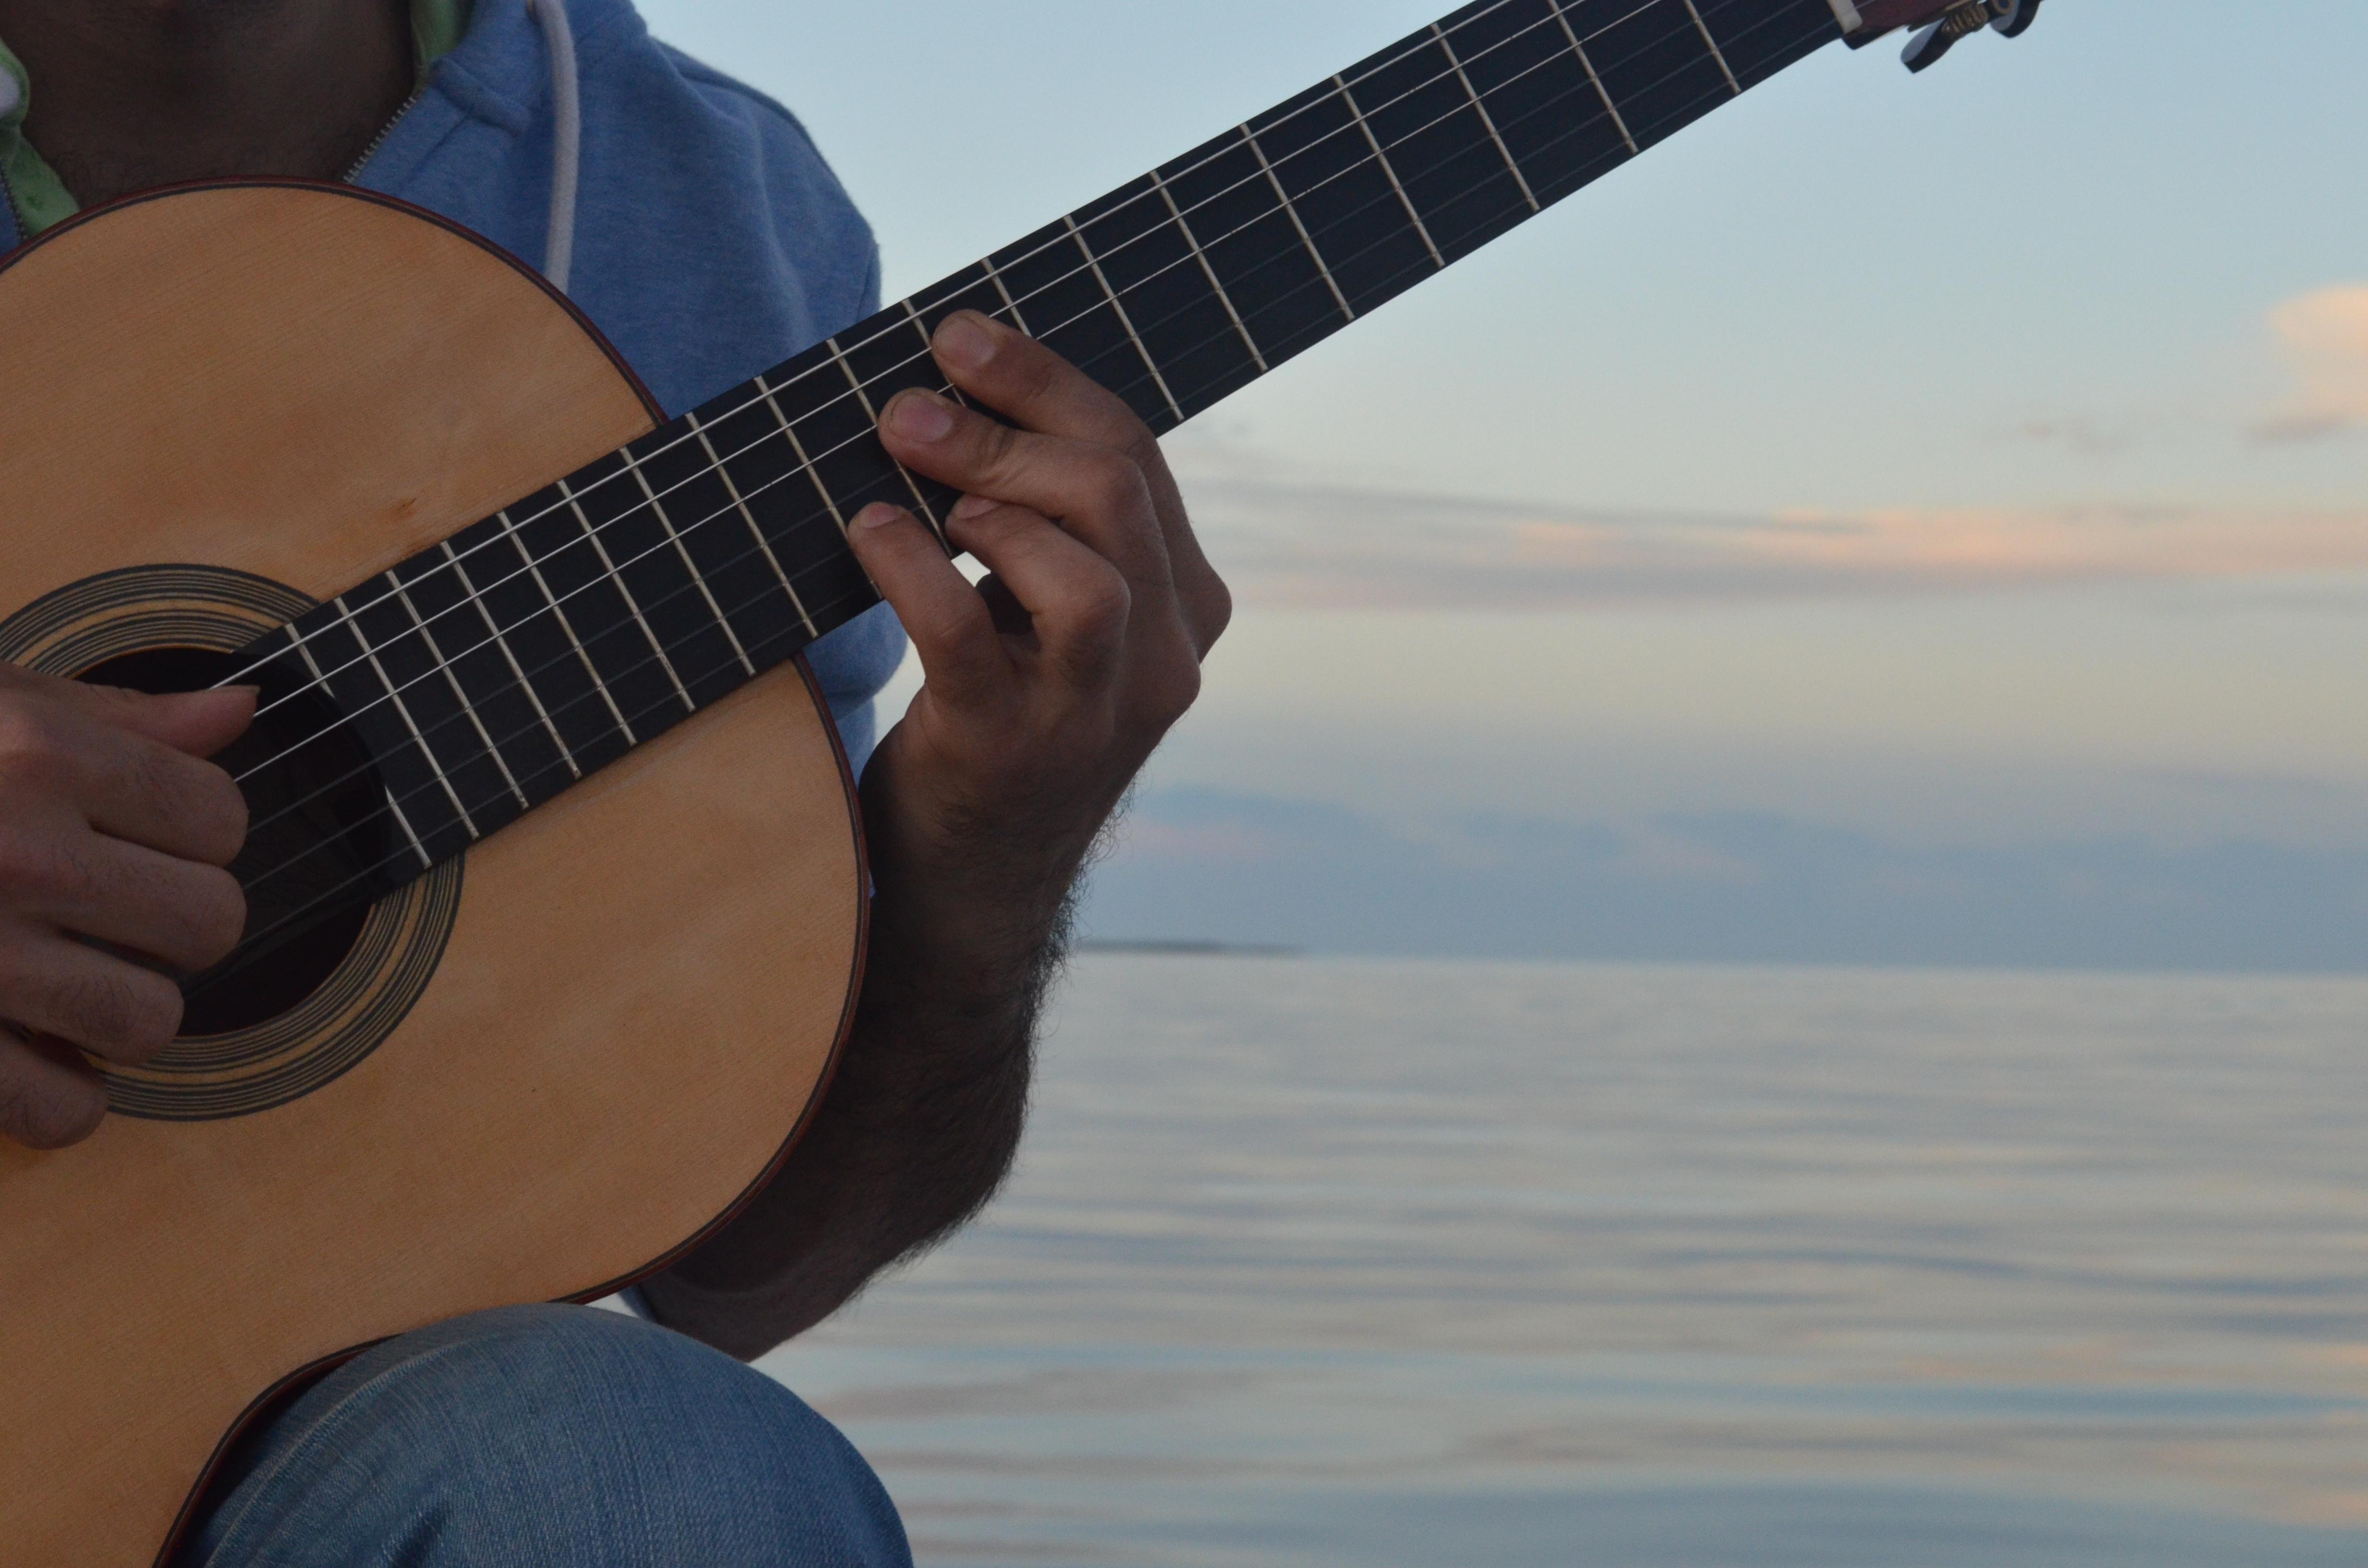 Ugeografisk guitarconcerts